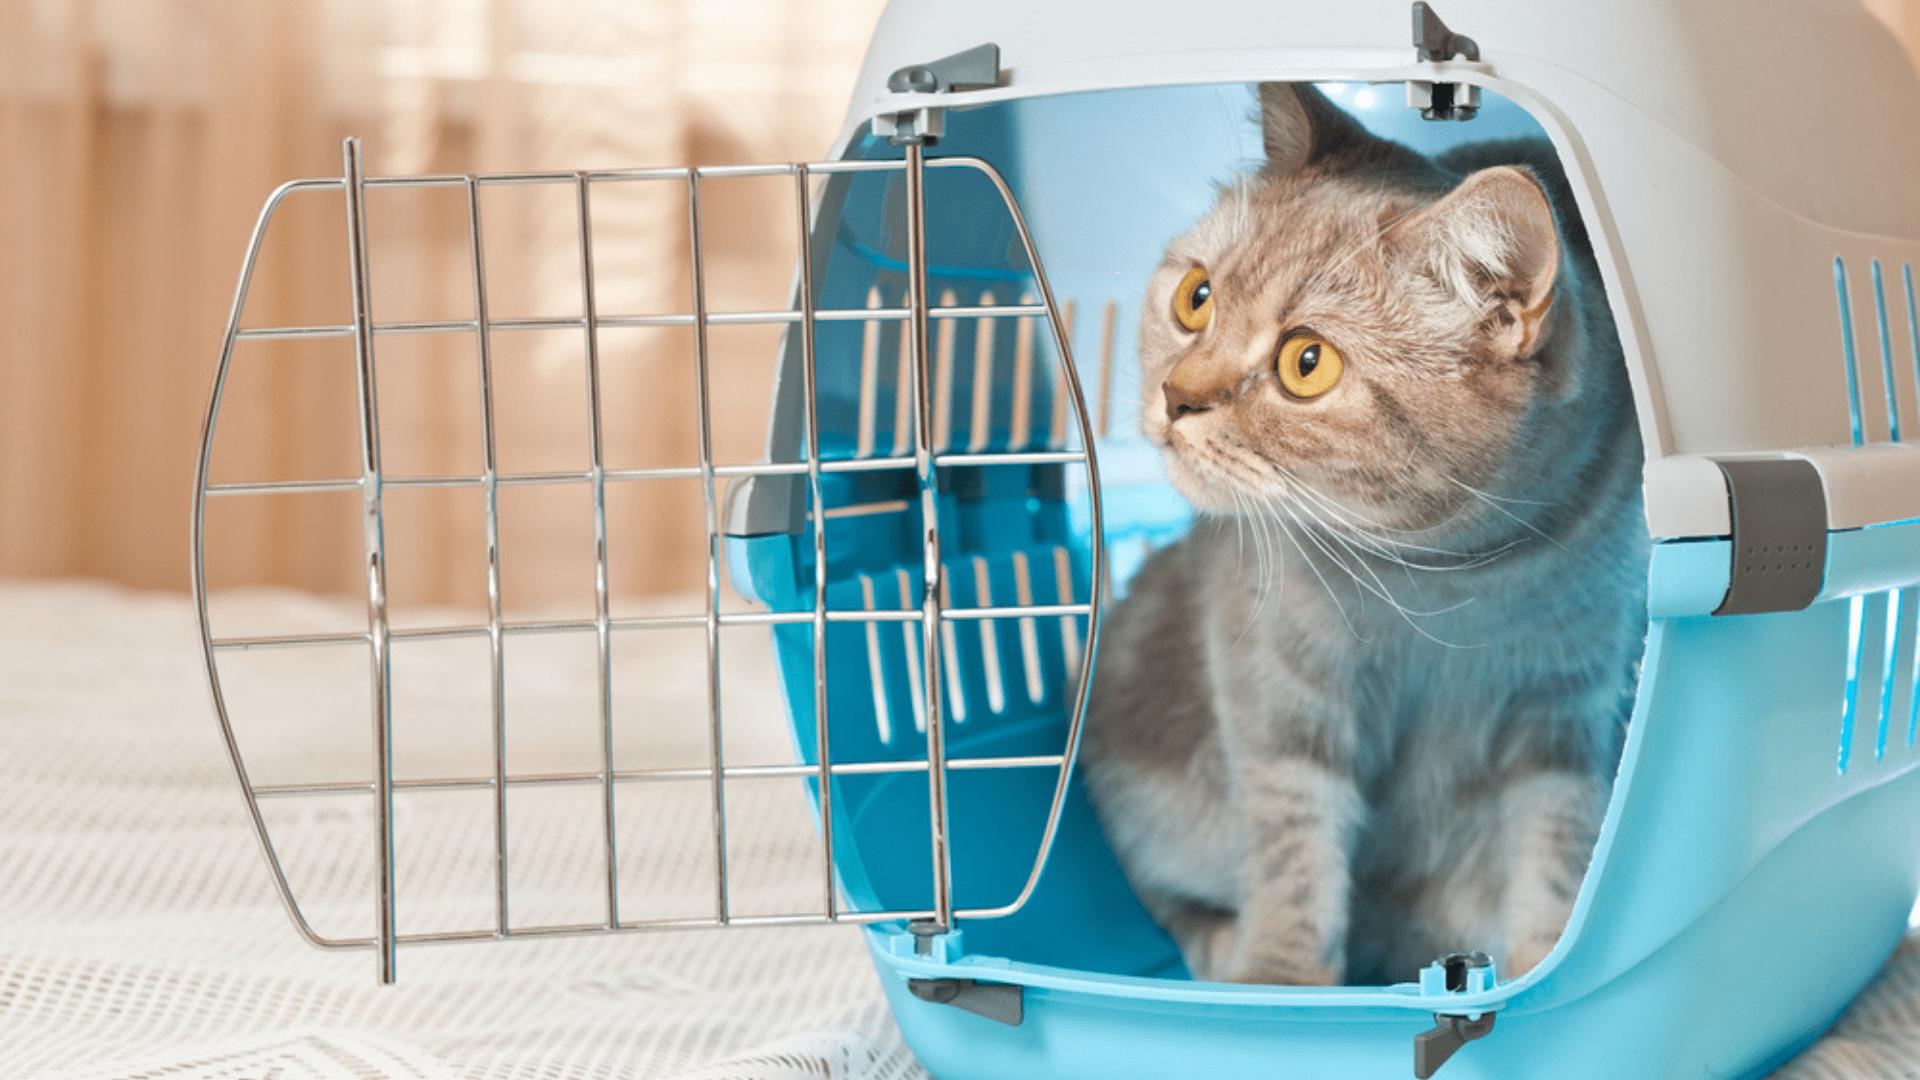 Lembre-se de que o gato precisa se acostumar a viajar na caixa de transporte (Reprodução/Shutterstock)